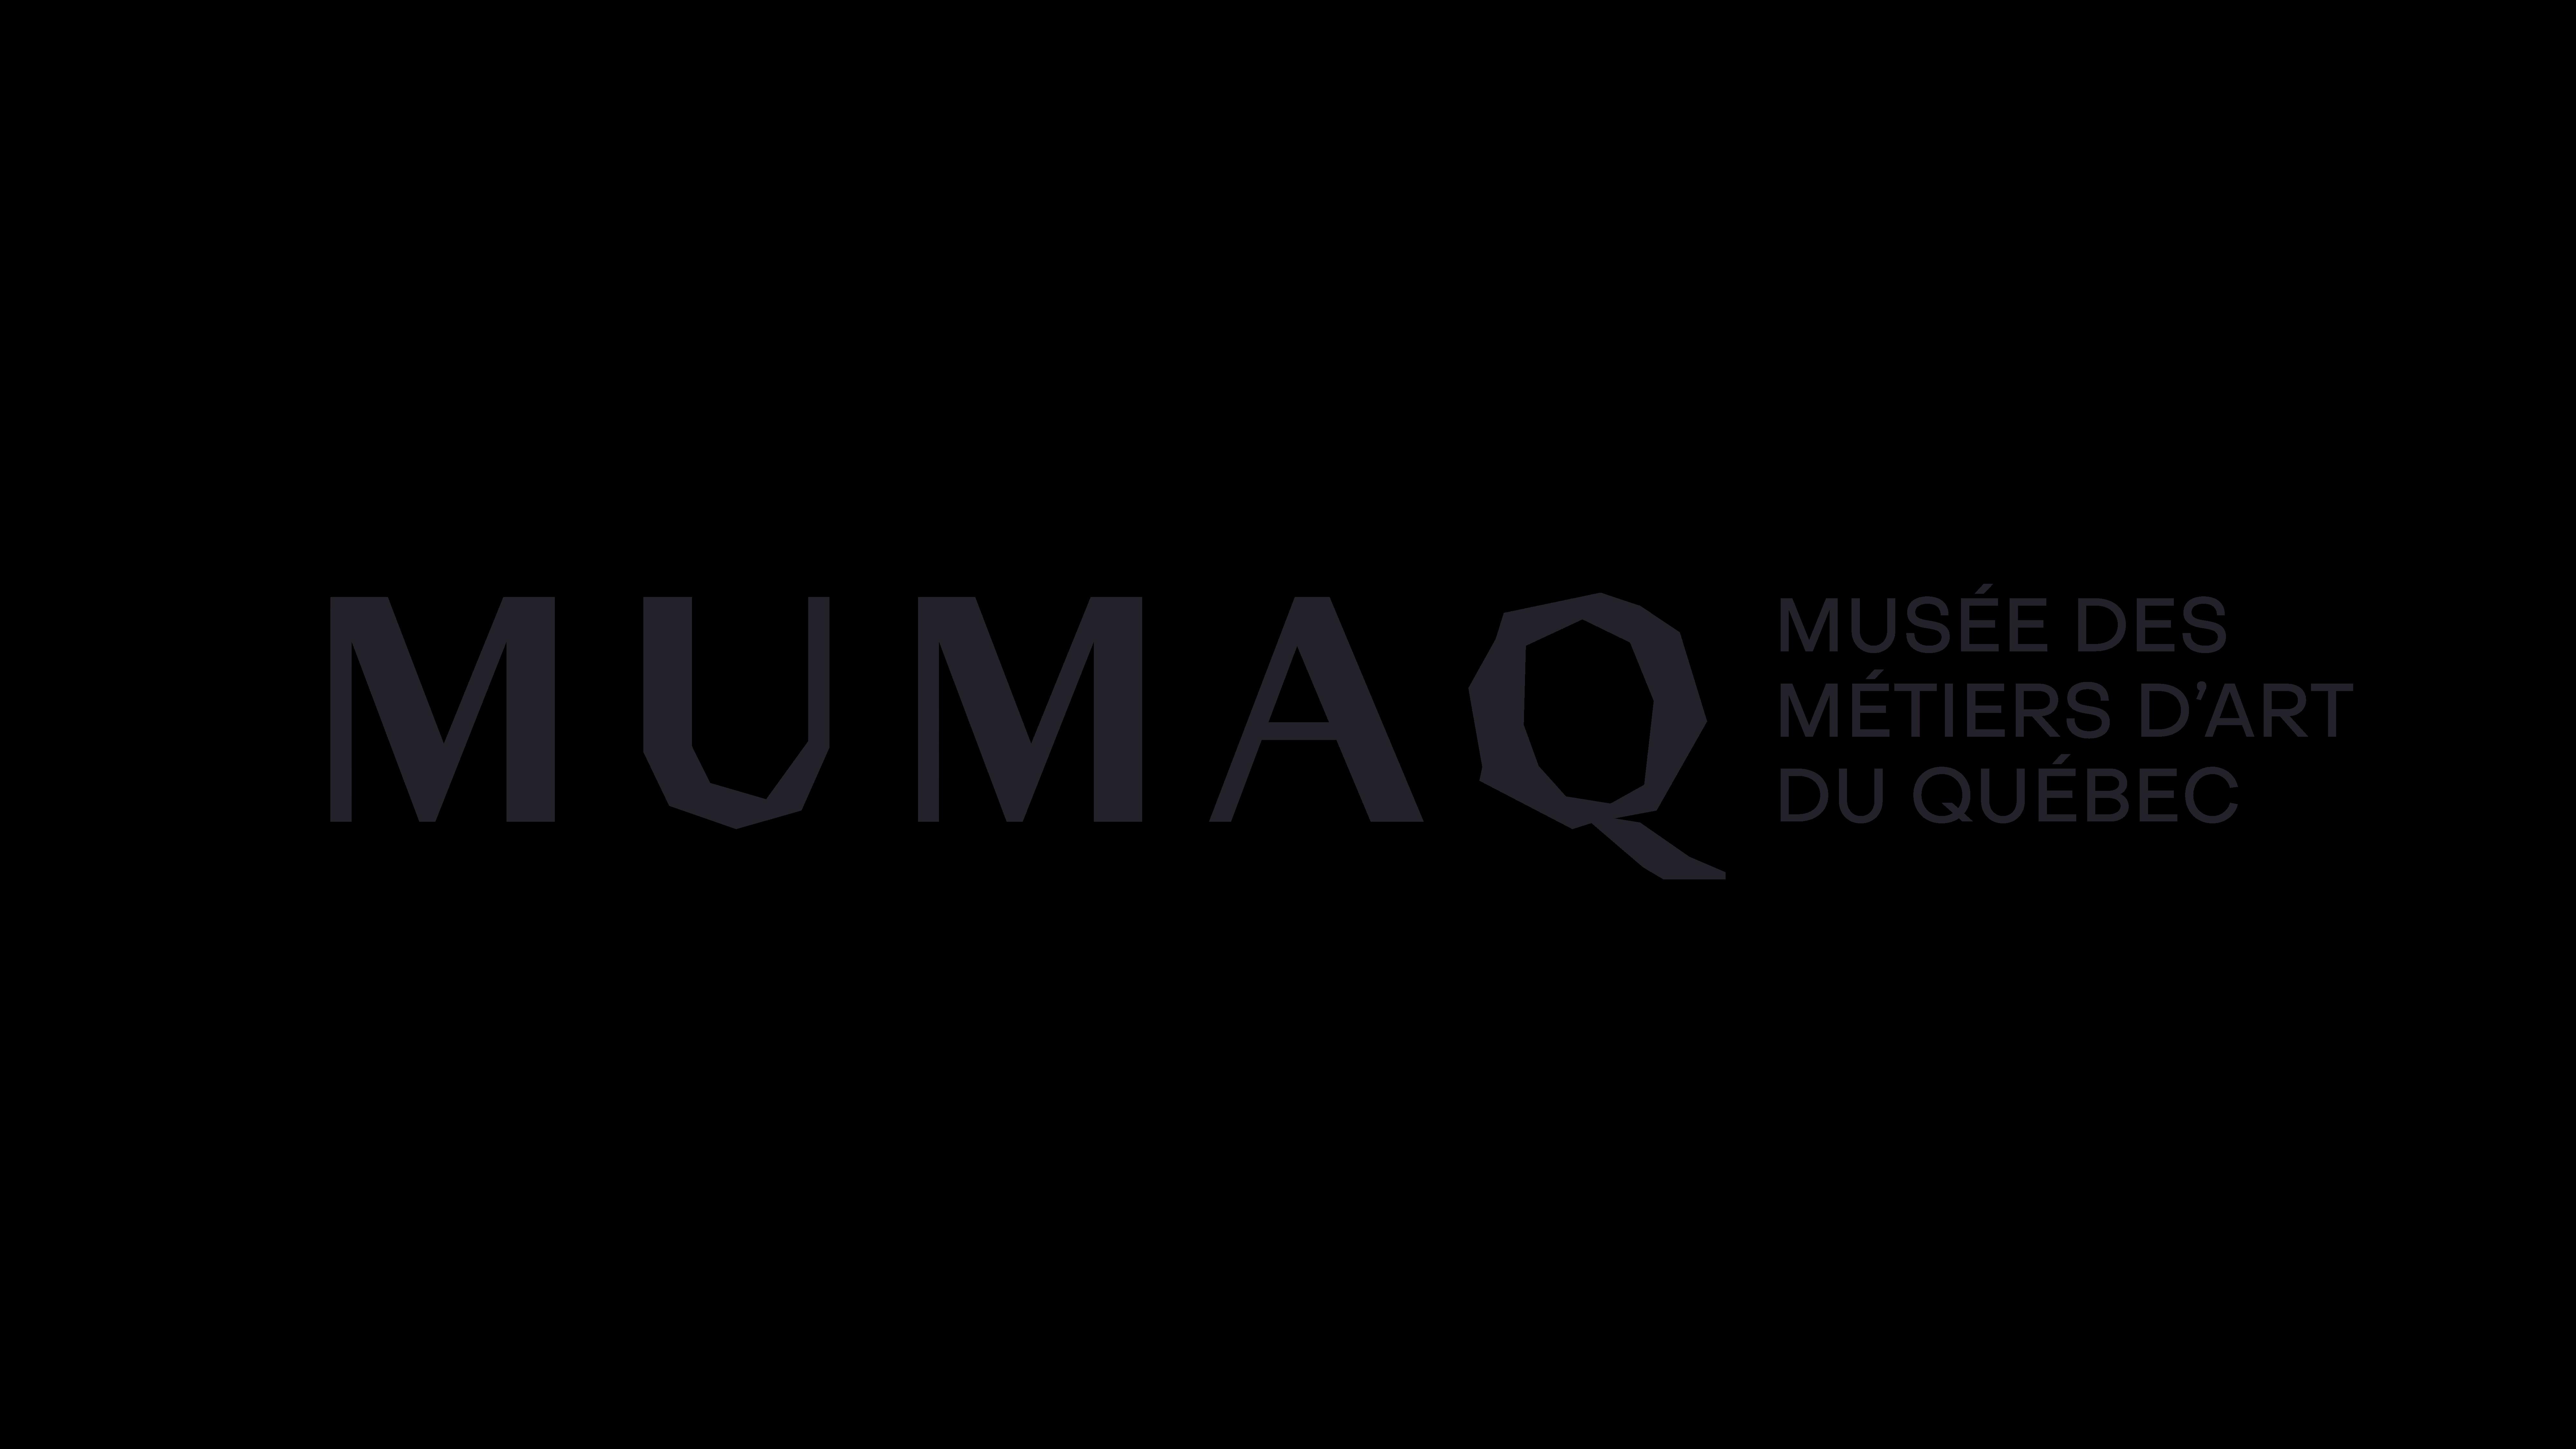 MUMAQ shop